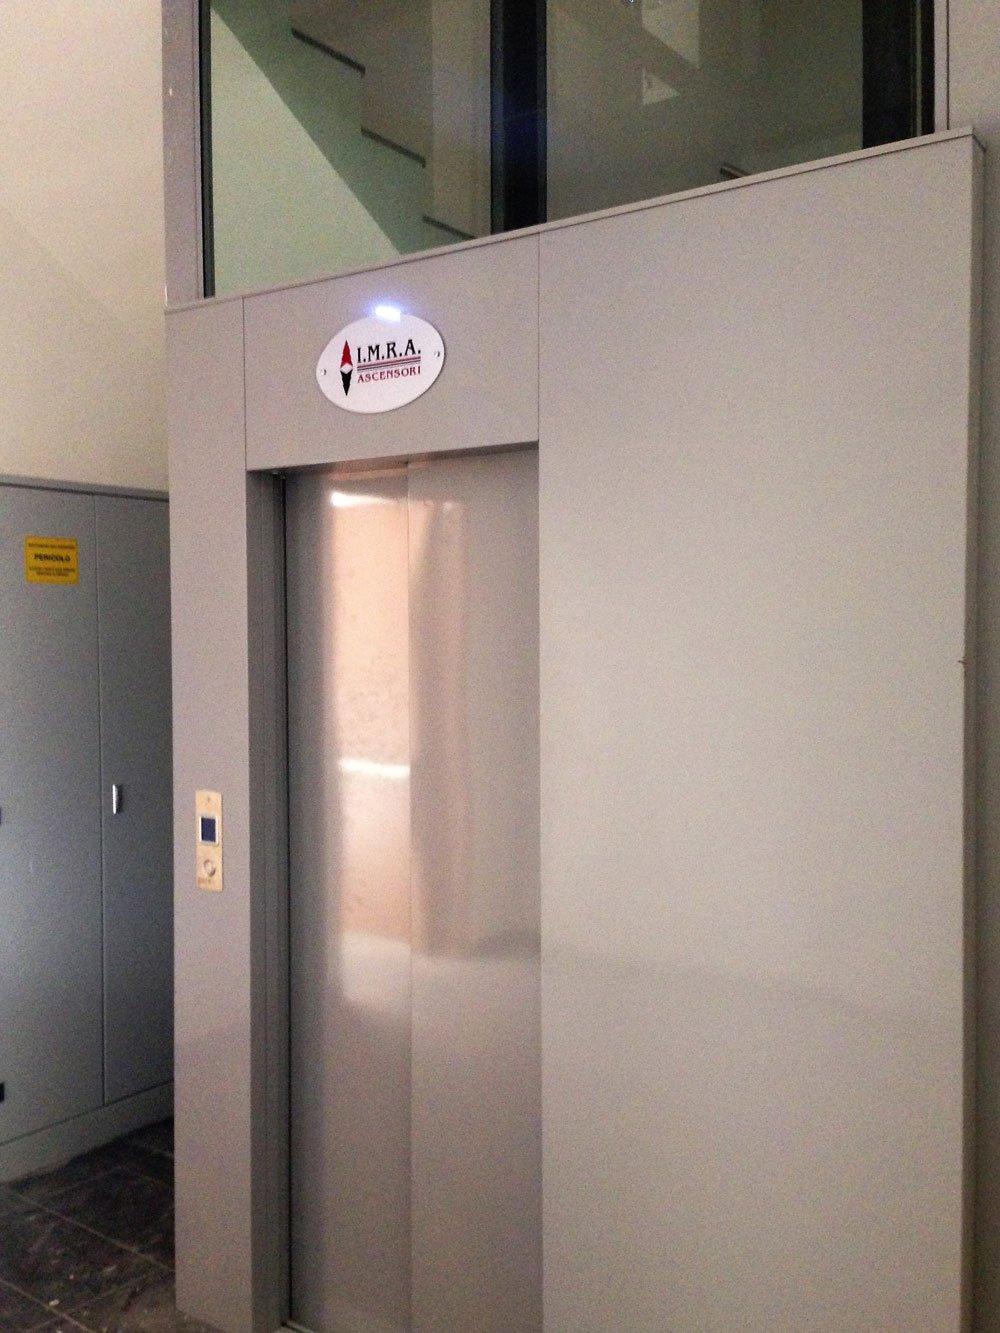 vista della porta di un ascensore un  metallo di color grigio con la scritta IMRA